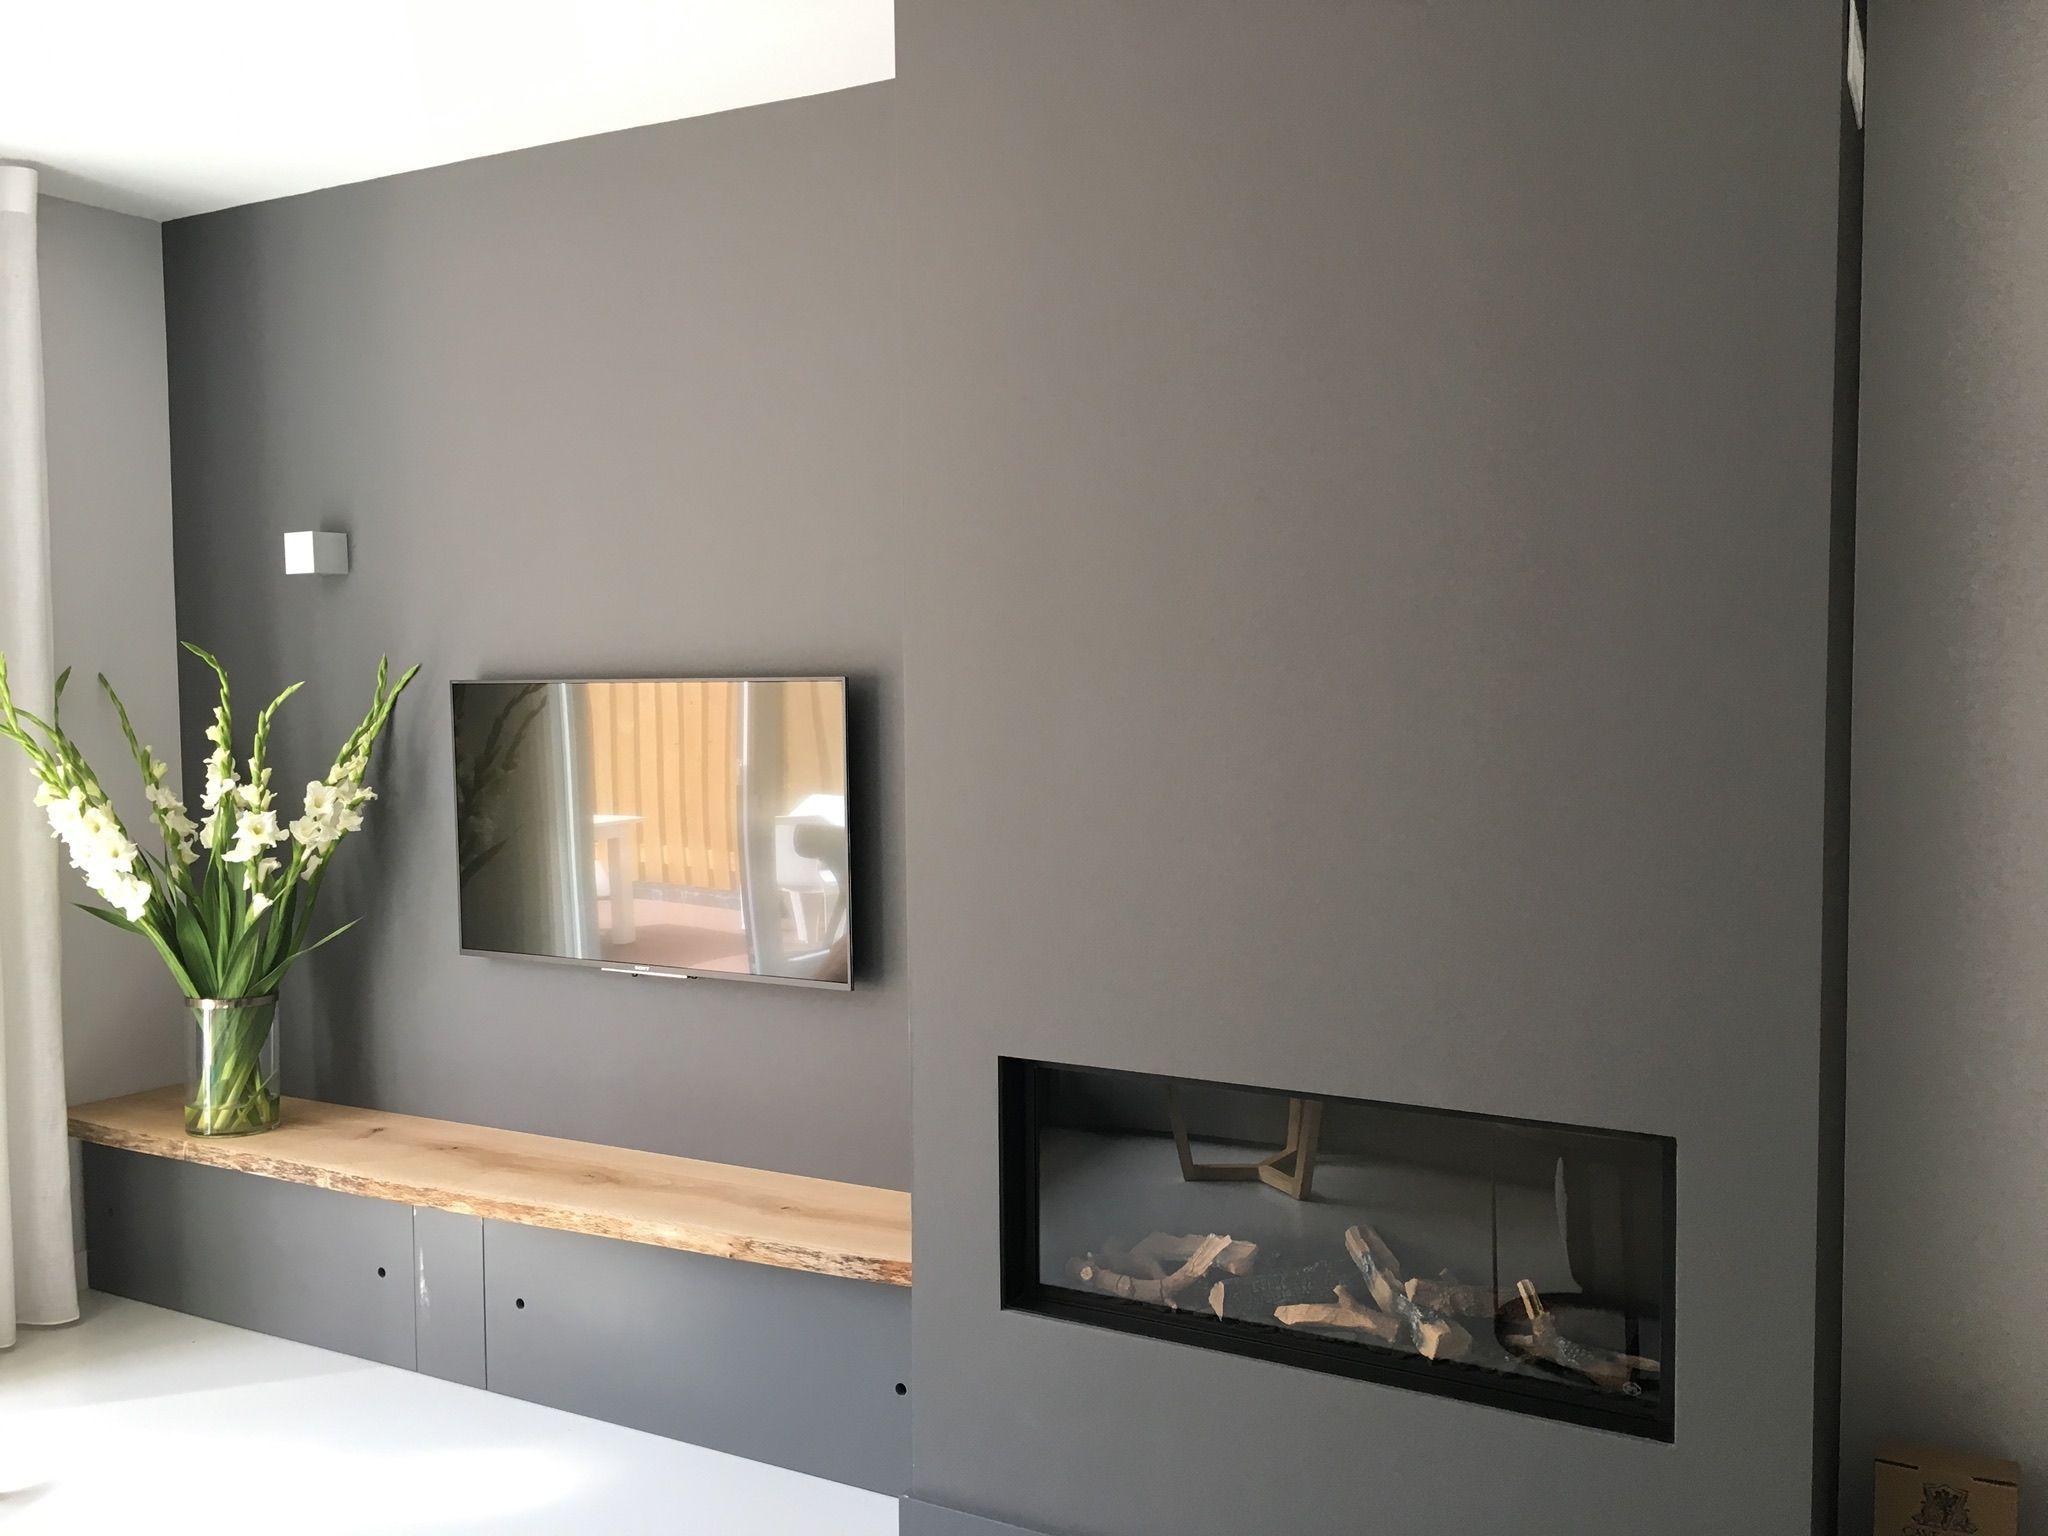 R Sultats De Recherche D Images Pour Inbouwhaard Tv Voorbeelden  # Bibliotheque Murale Pour Televiseur Avec Foyer Electrique